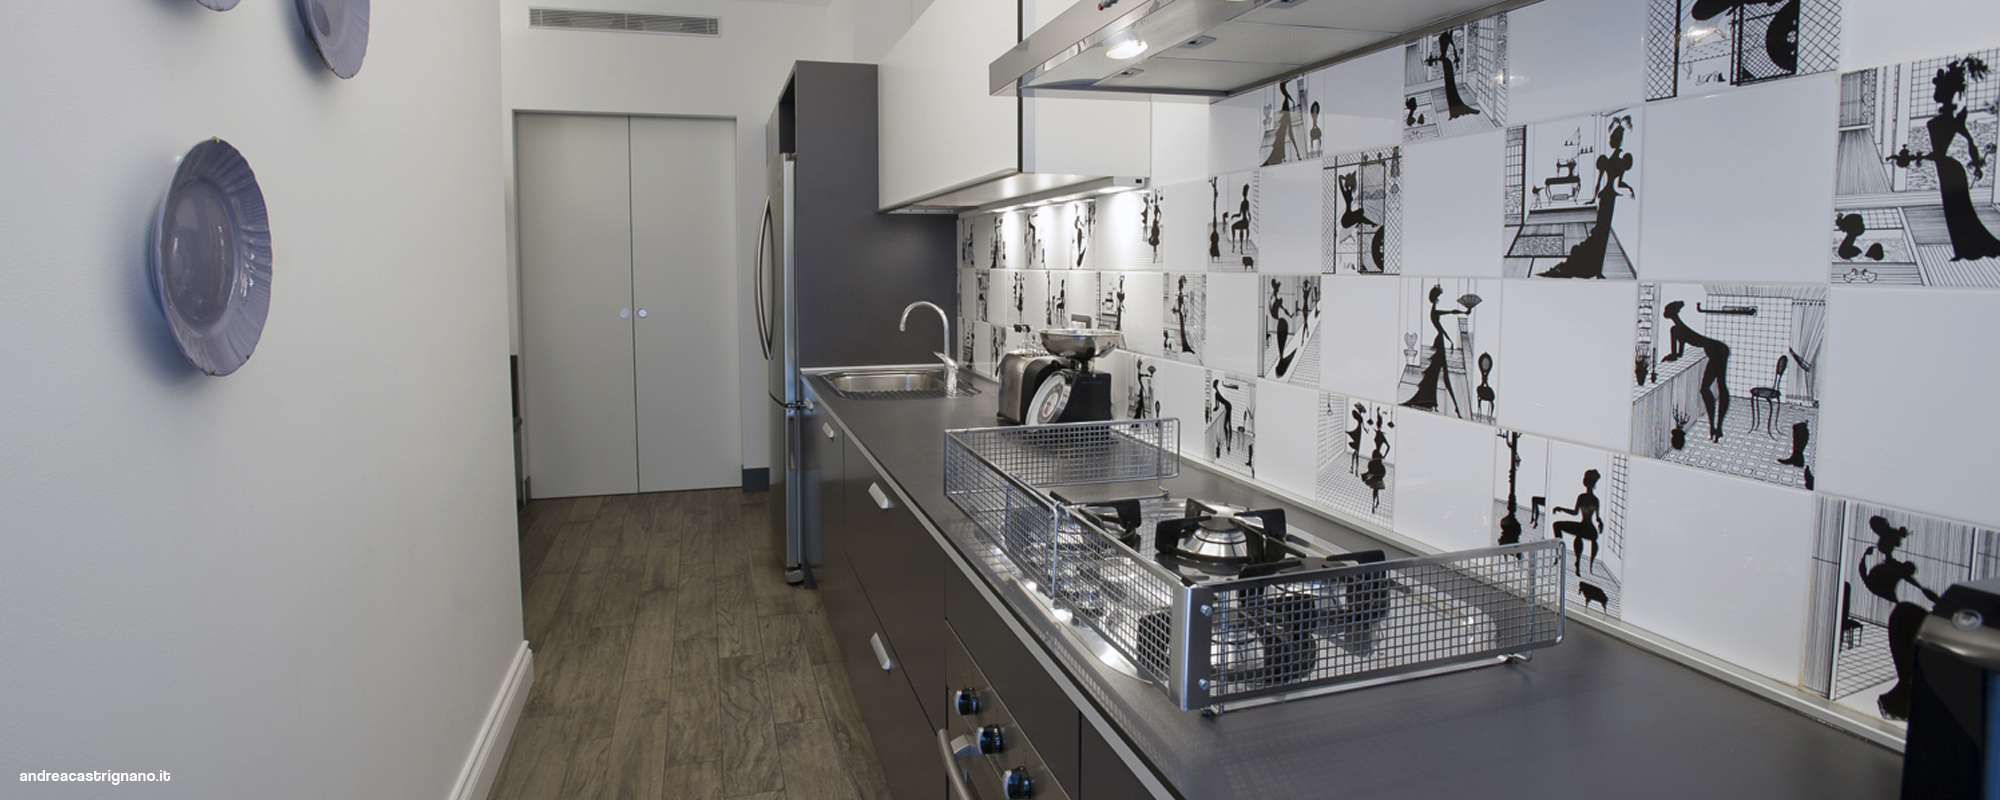 Specchiera moderna camera da letto - Piastrelle nere per bagno ...